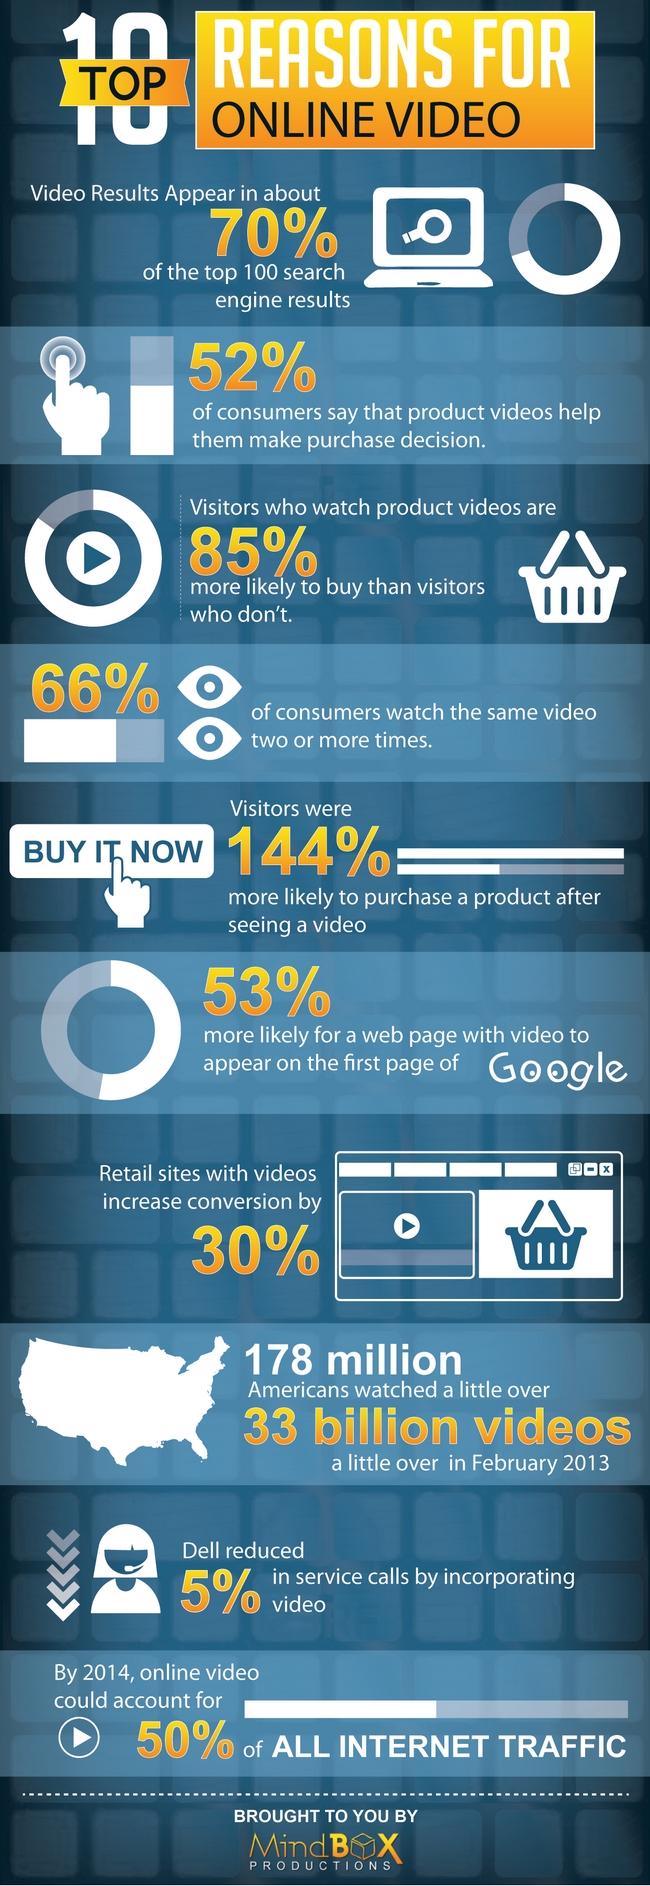 10-reasons-video-online